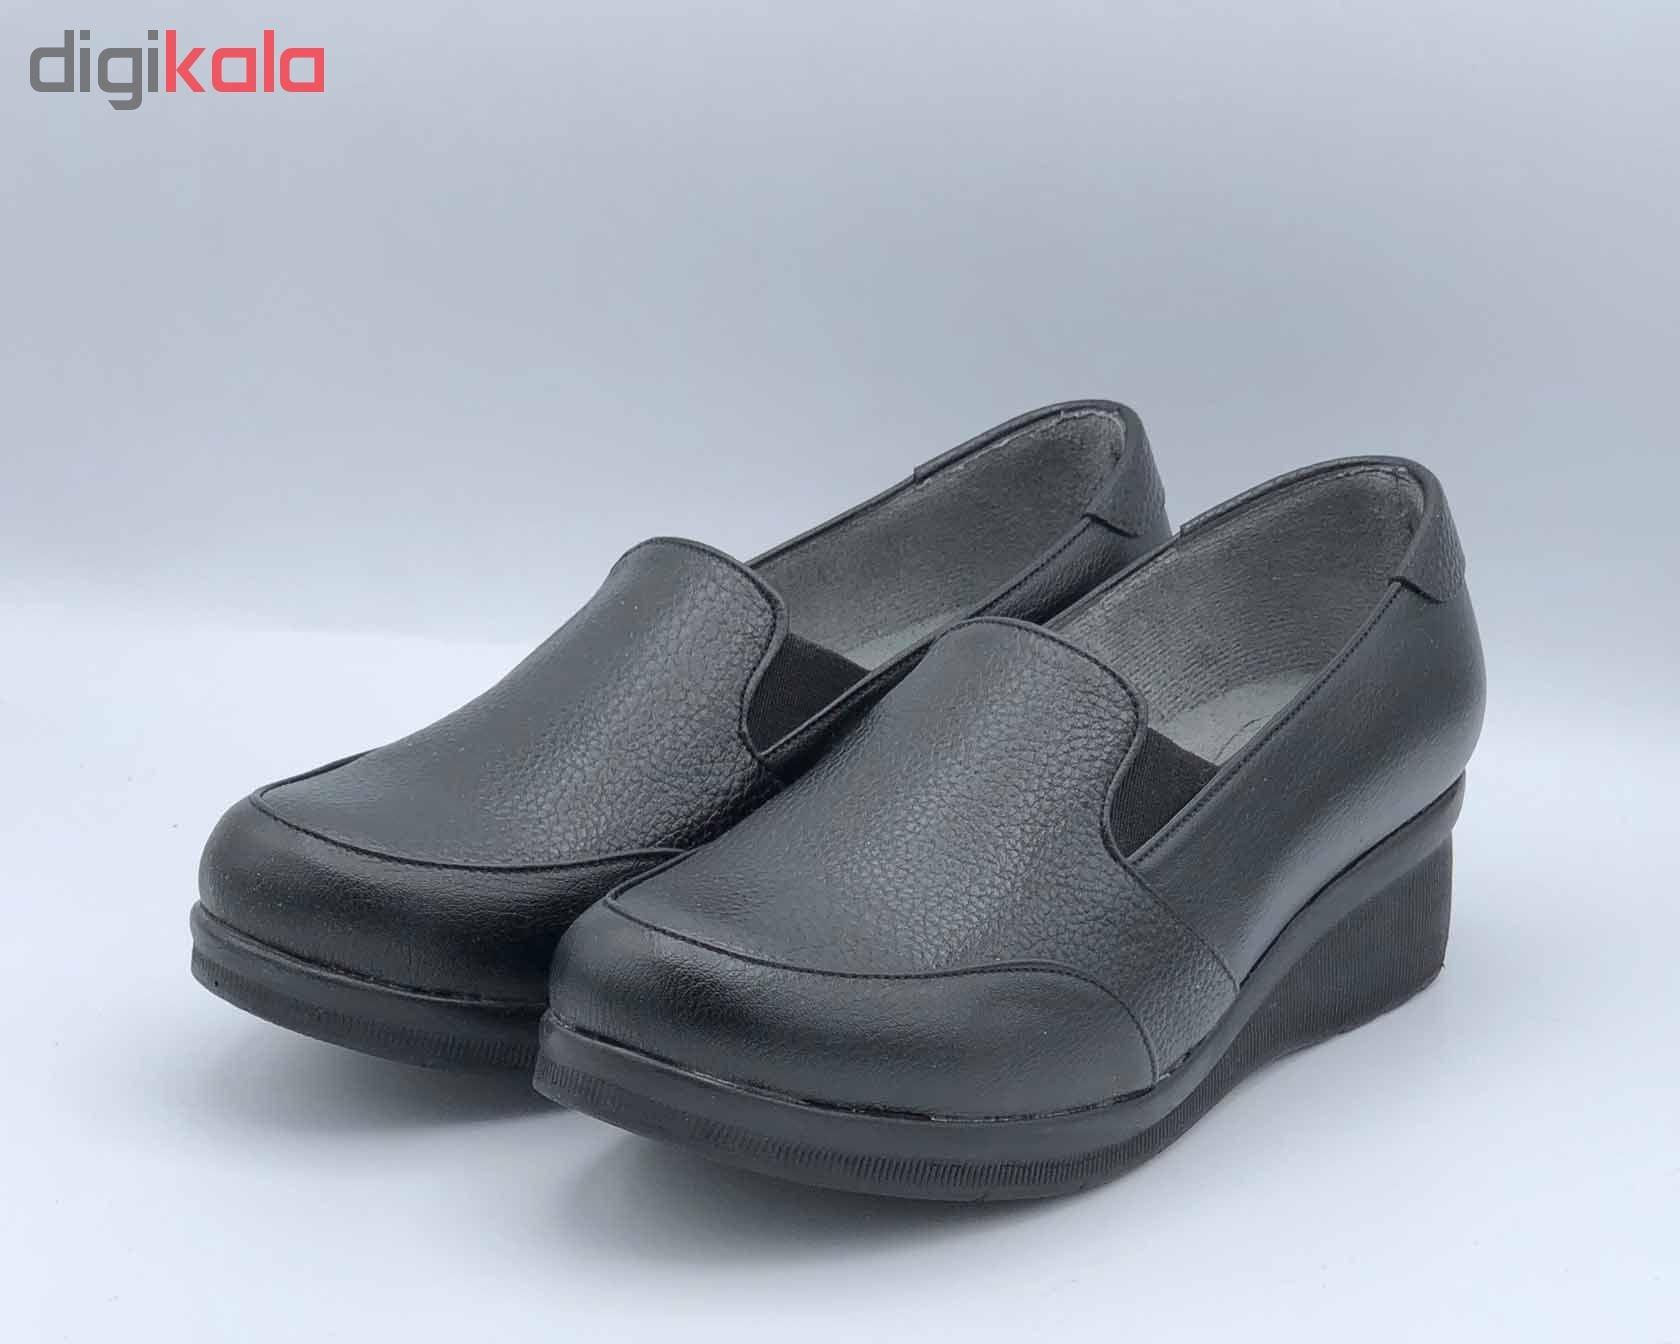 کفش طبی زنانه کد 2014 main 1 3